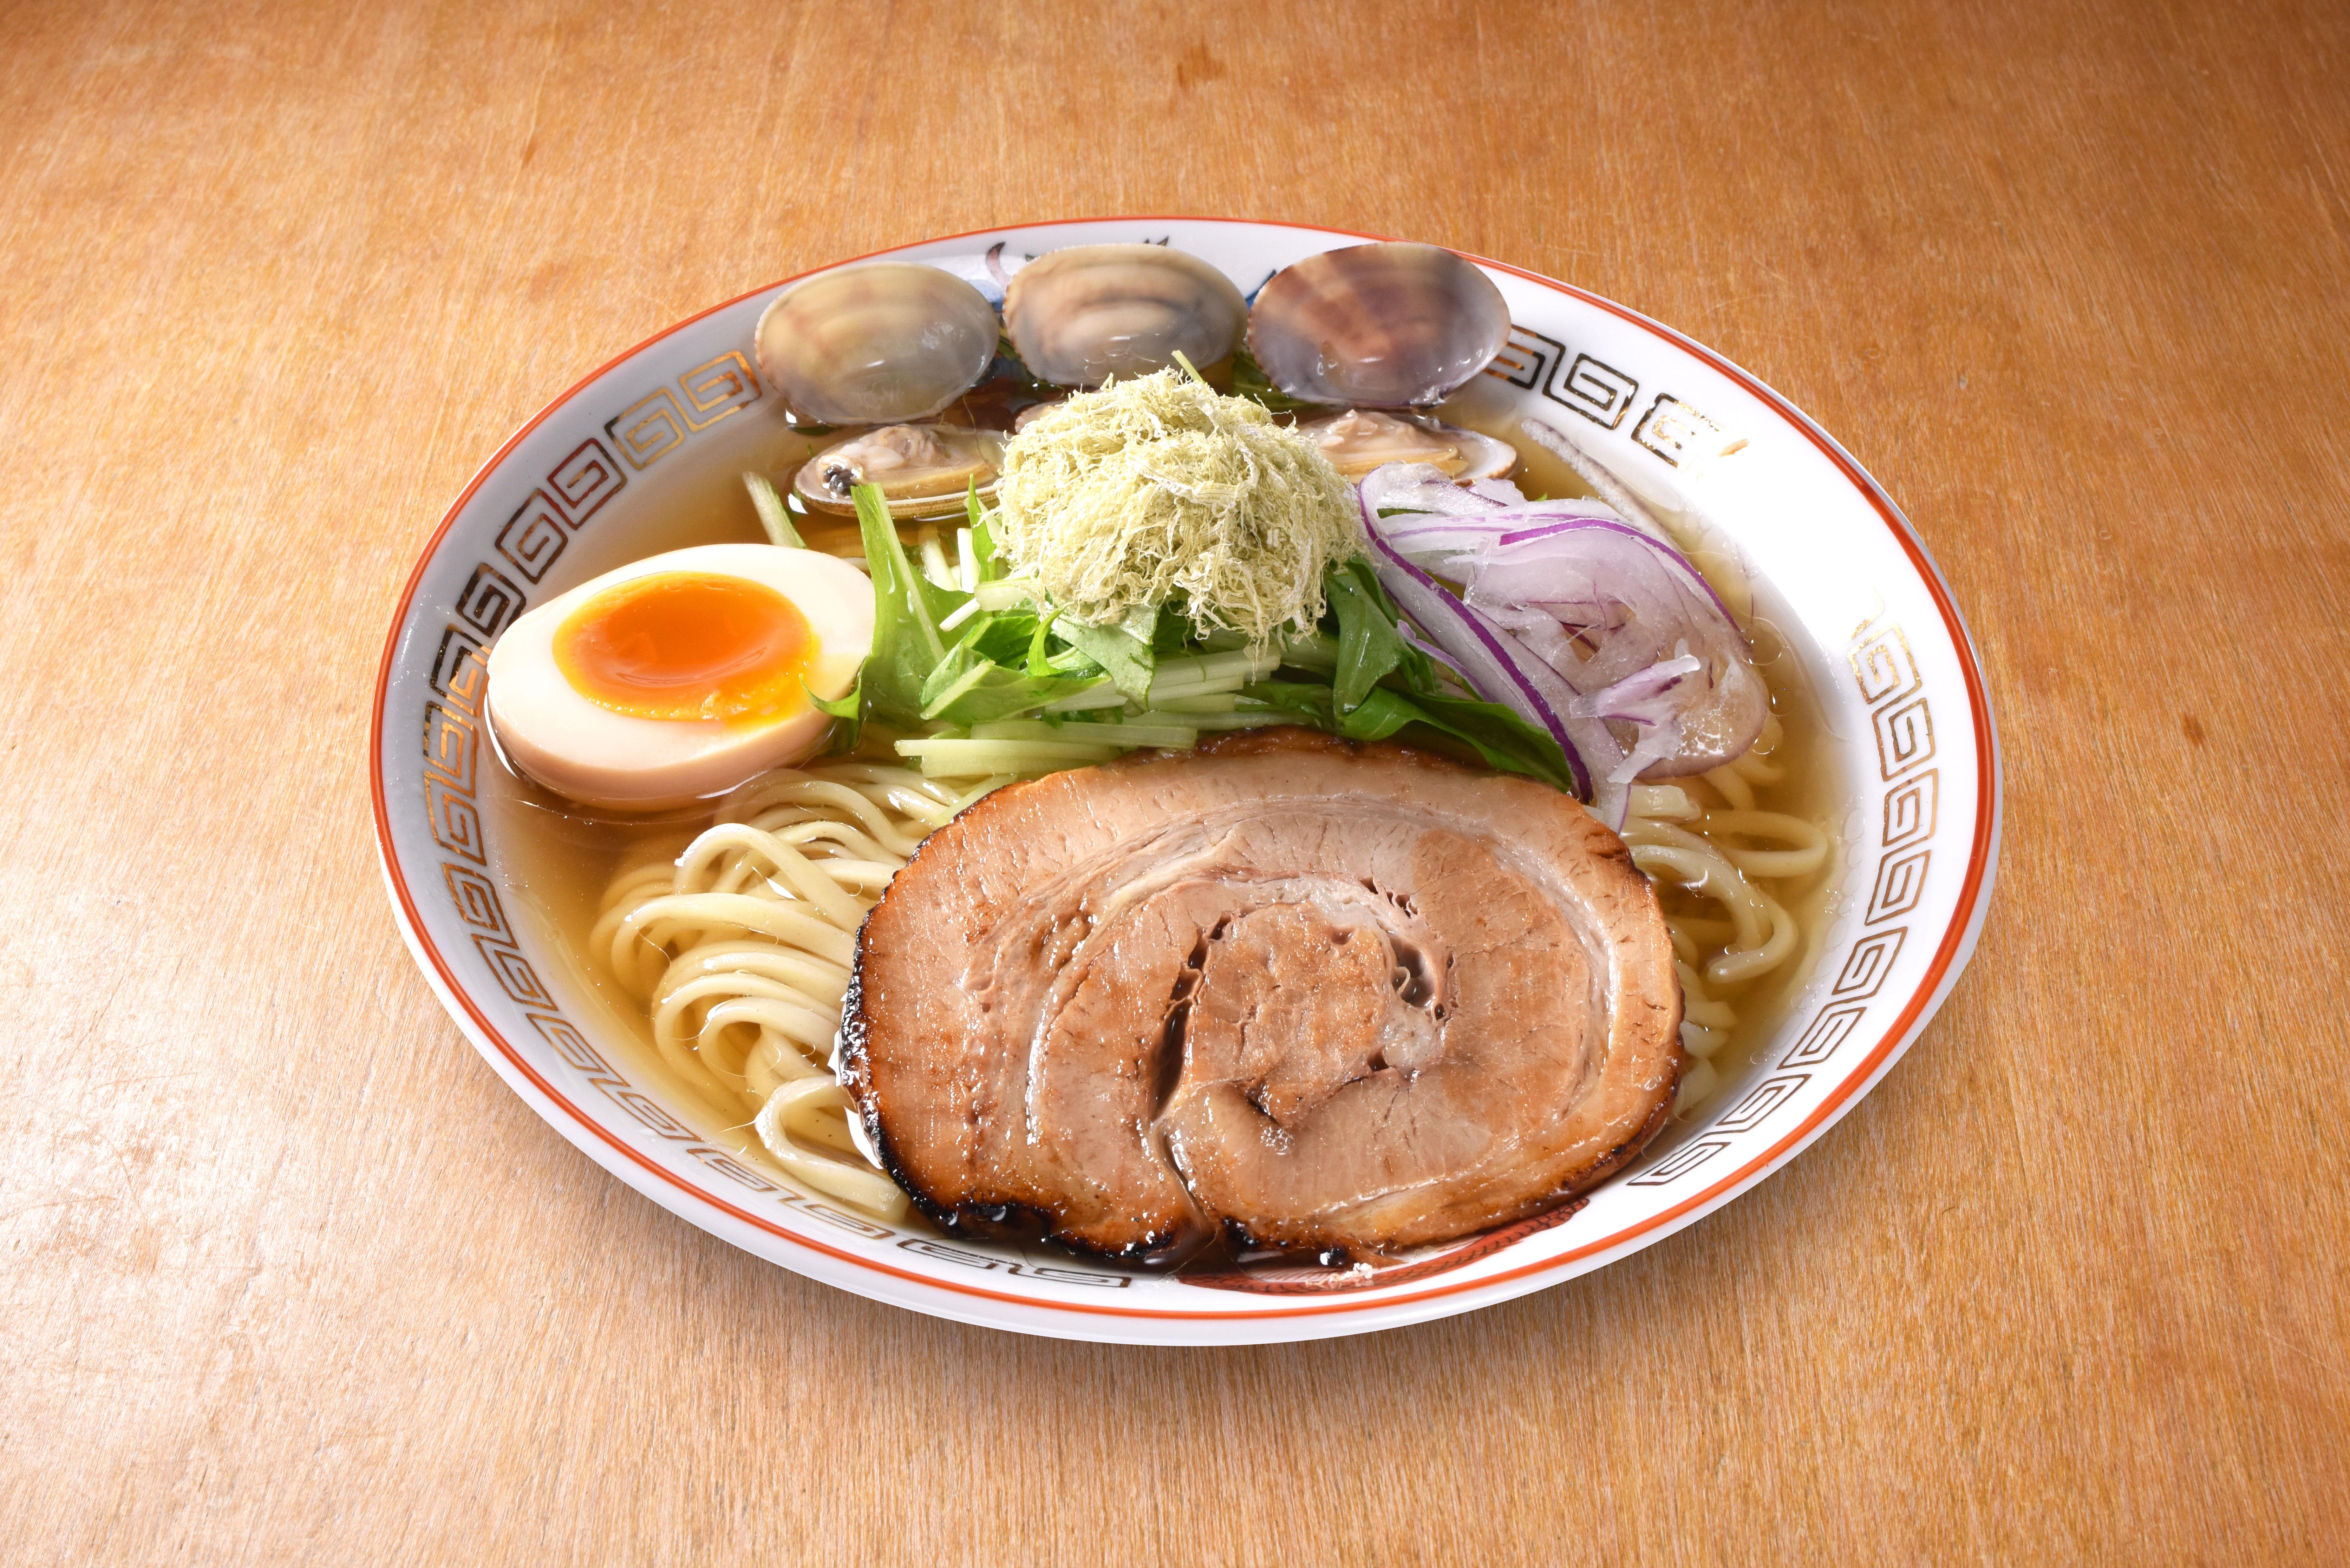 ズワイガニつけ麺